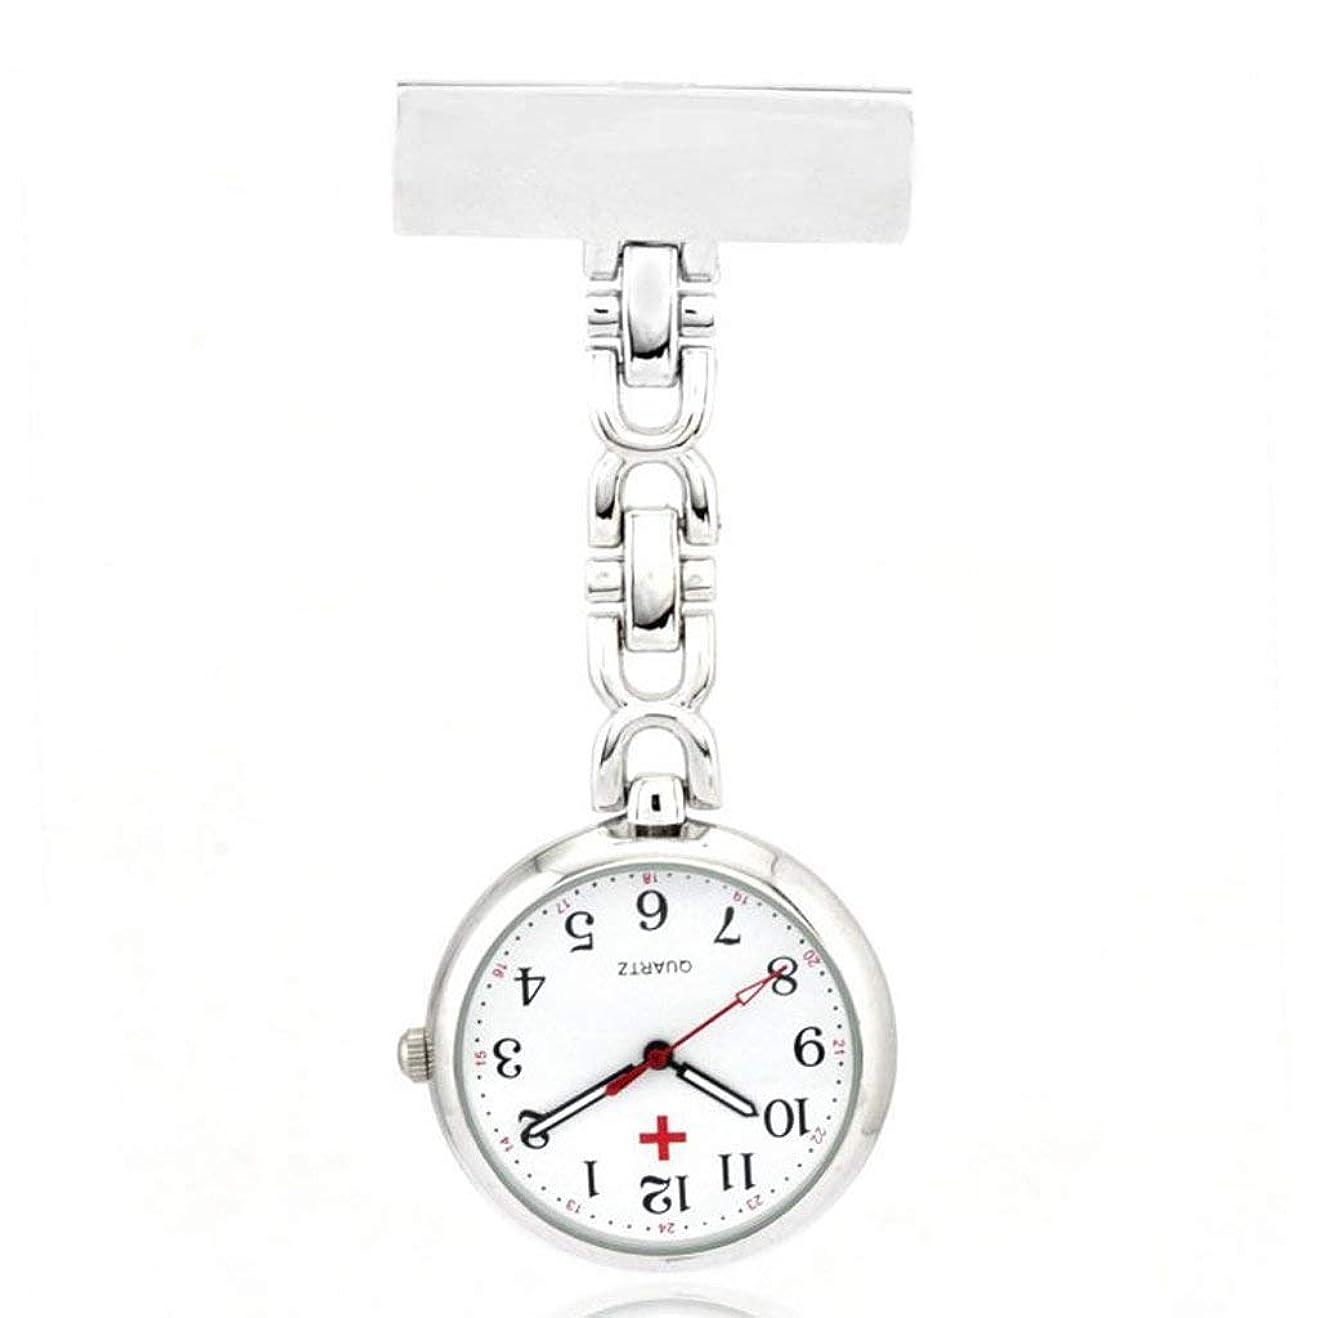 ベギン飾り羽シーケンスTyou 懐中時計 クォーツ 腕時計 ウォッチ 逆さ時計 アナログ表示 逆さ文字盤 看護師さん 医師 男女兼用